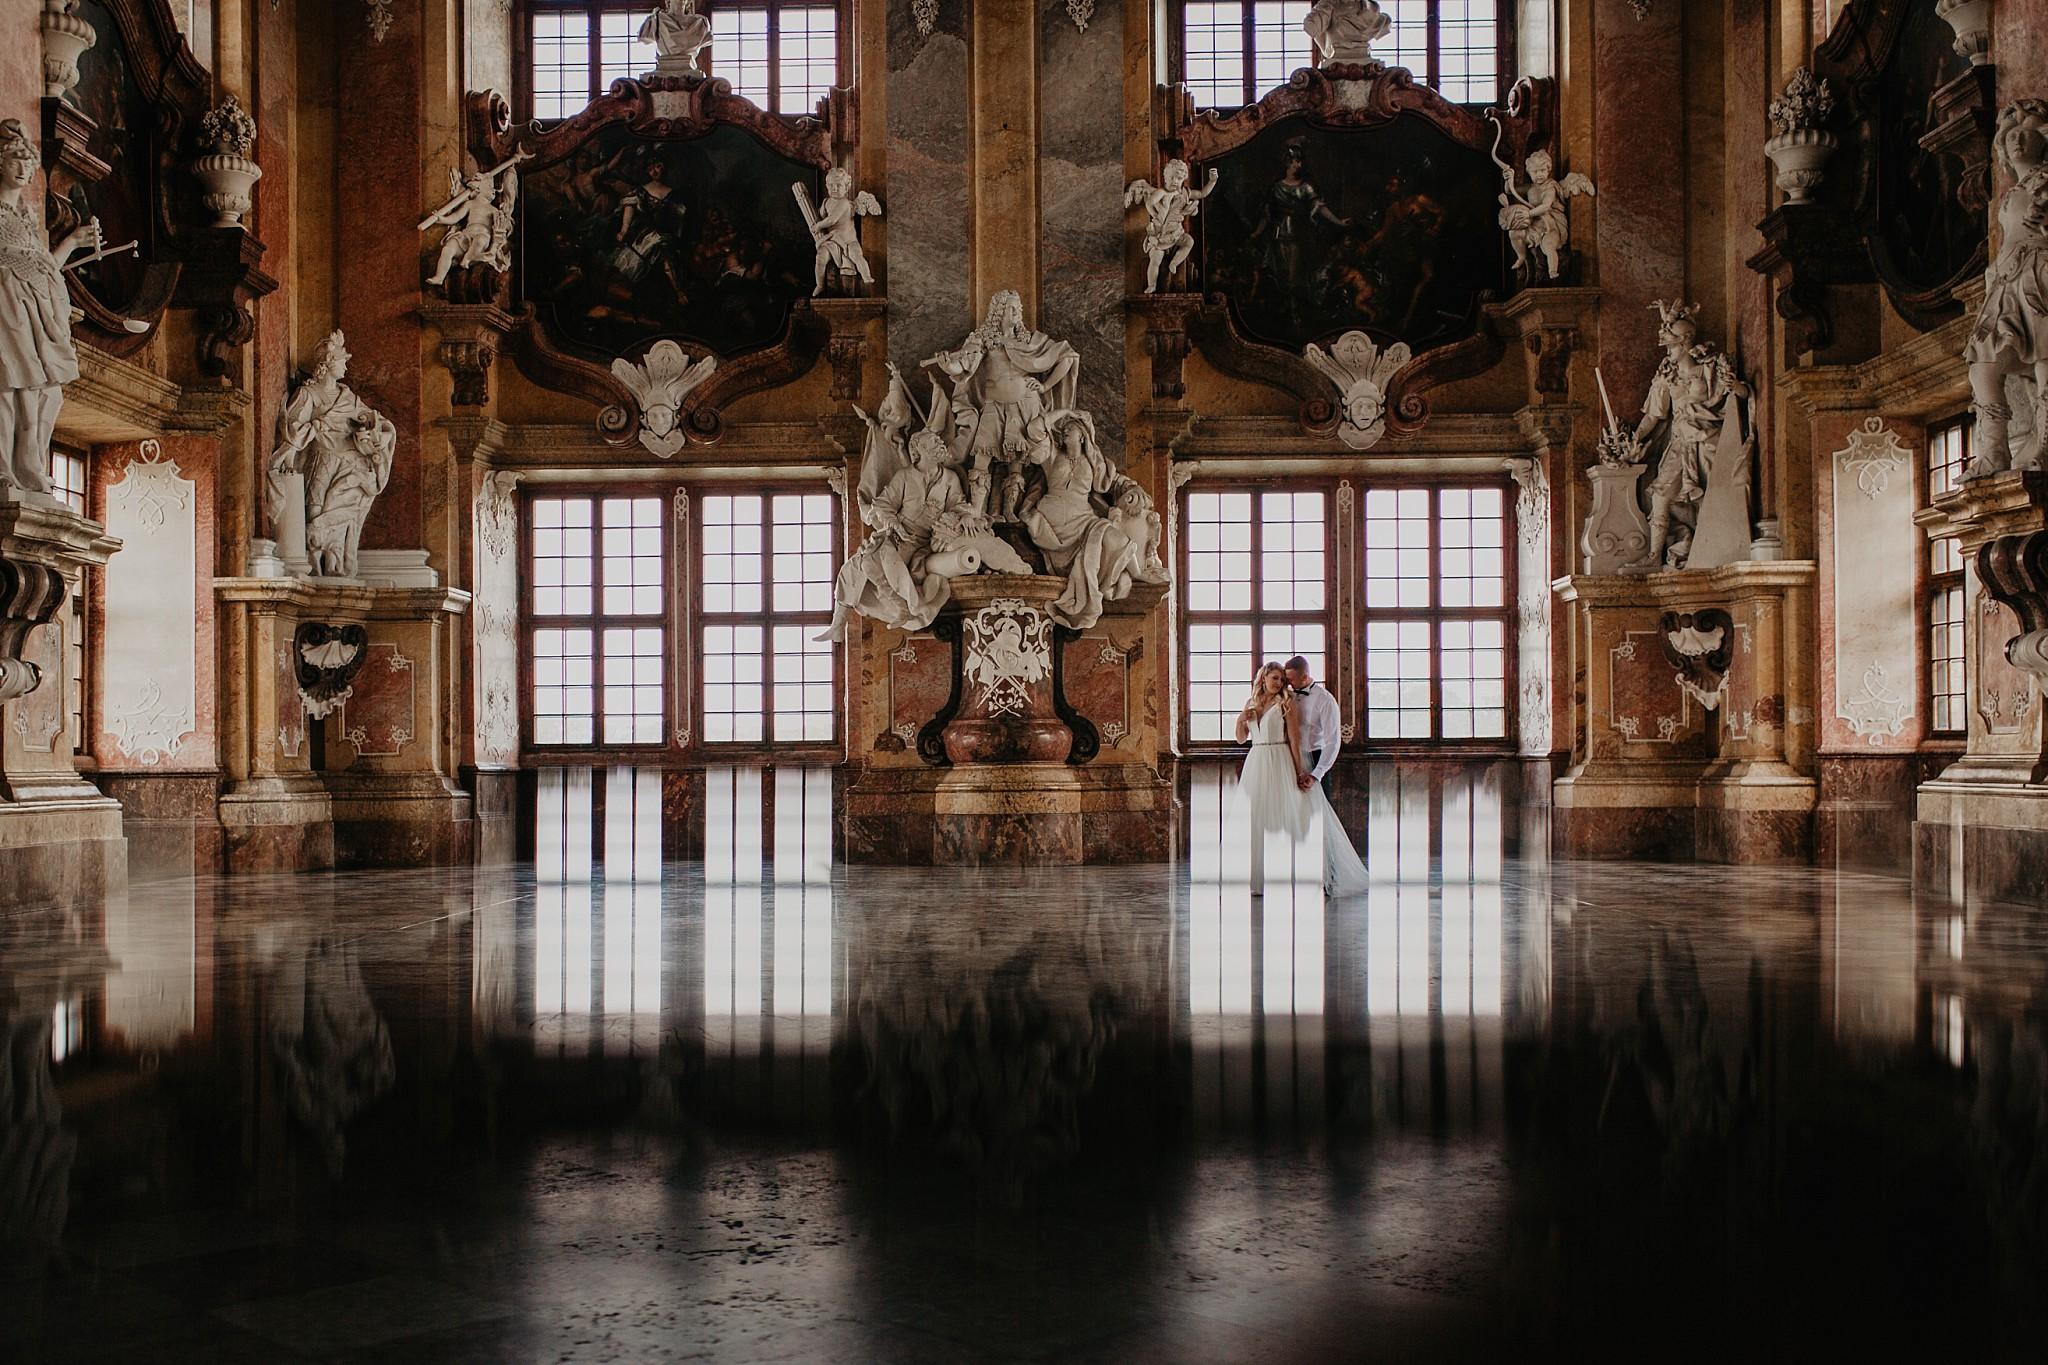 lubiaz opactwo cystersow sesja na zamku sesja zdjeciowa sesja slubna w palacu sesja palac fotograf z poznania fotografia slubna poznan 042